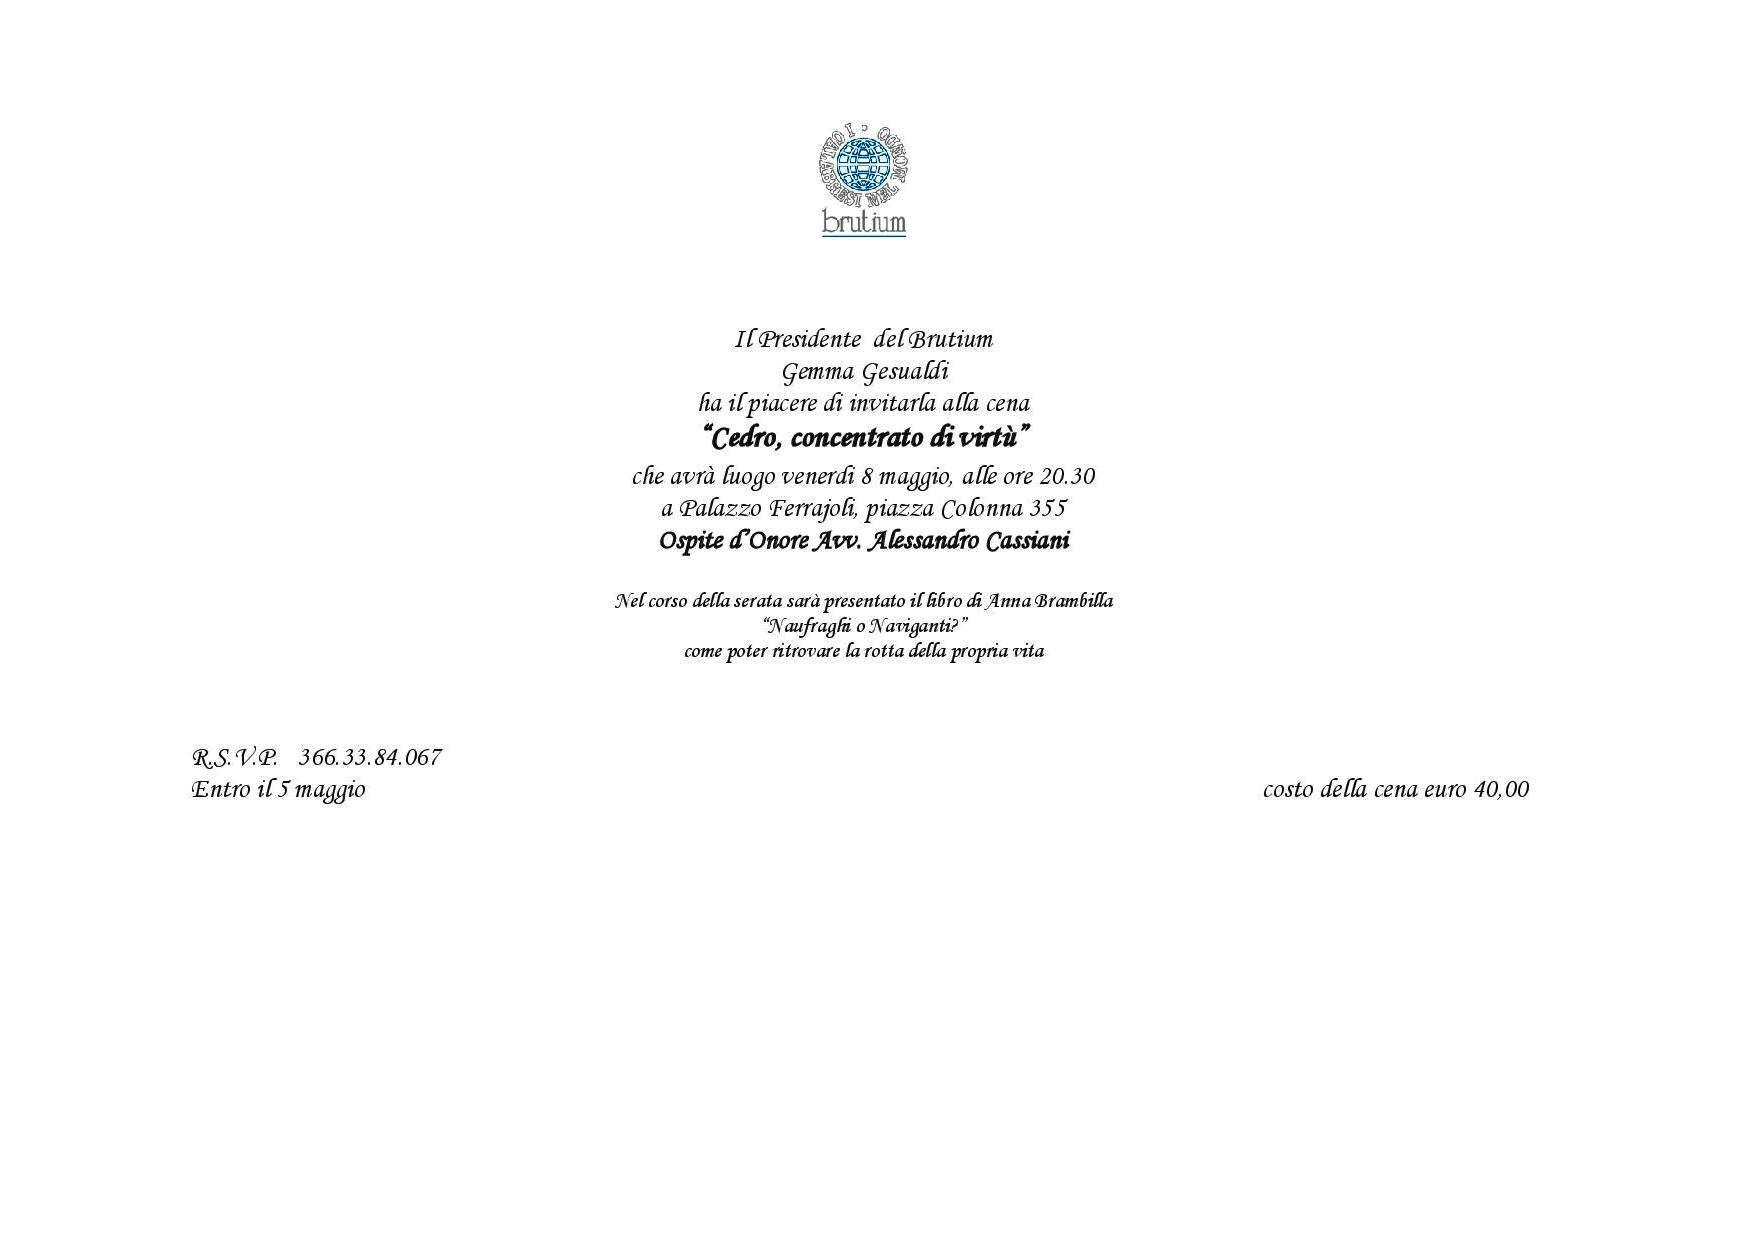 Invito cena Palazzo Ferrajoli